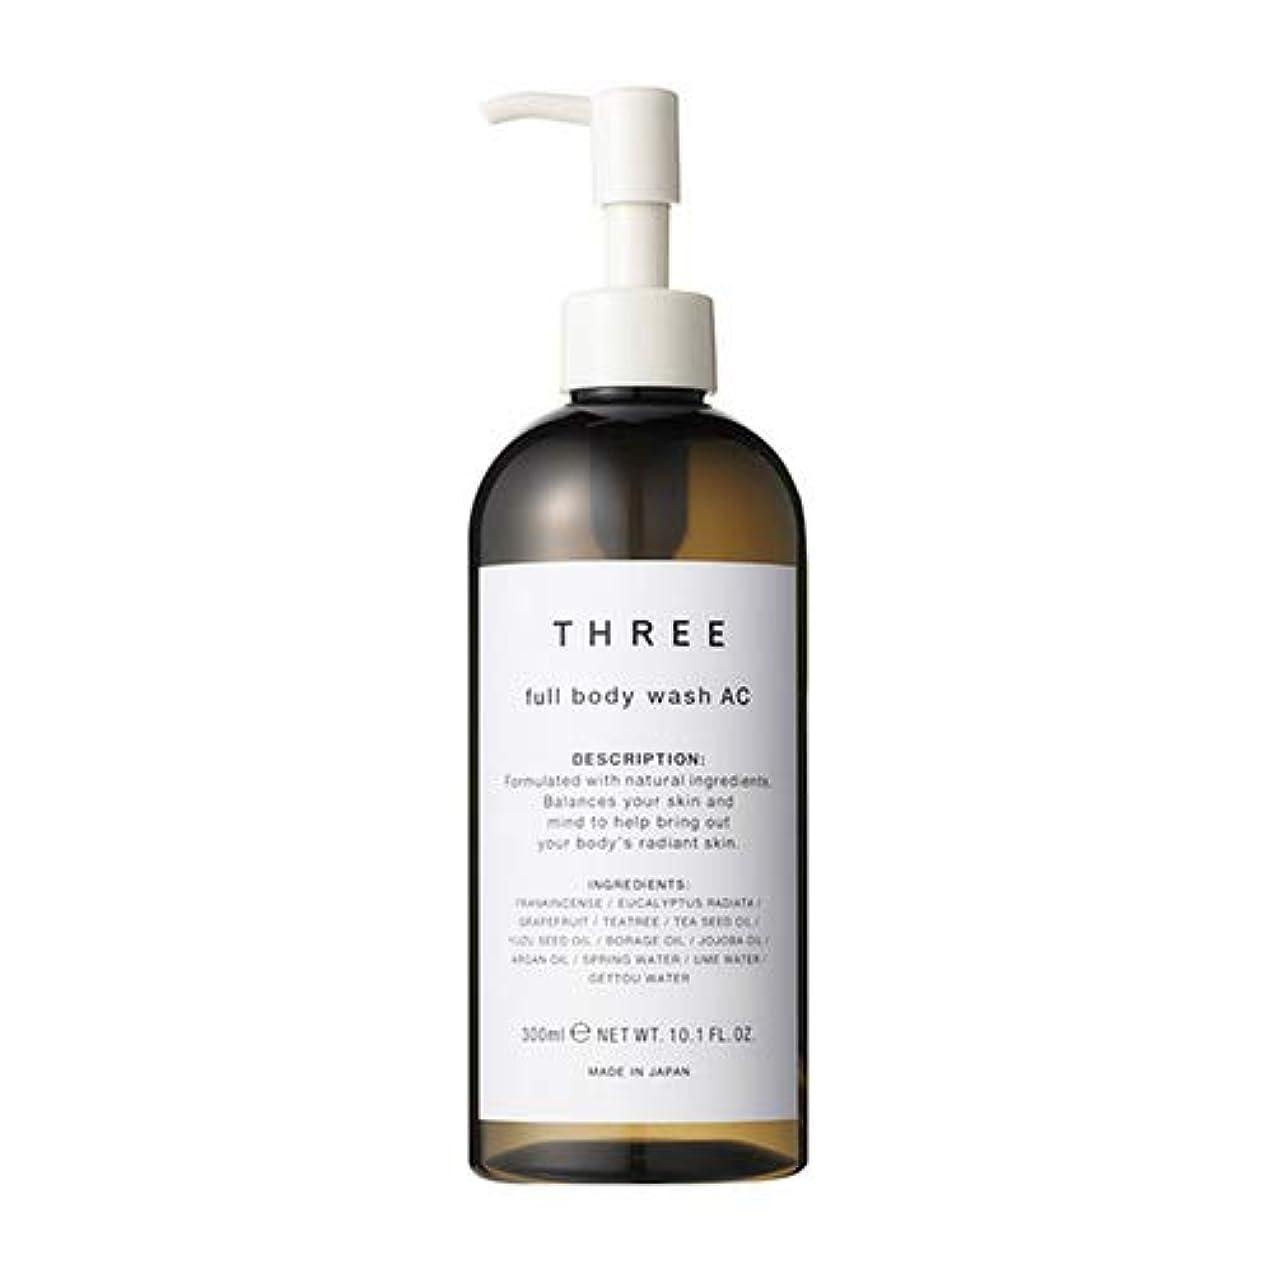 機転廃止粘土FIVEISM × THREE(ファイブイズム バイ スリー)THREE フルボディ ウォッシュ AC